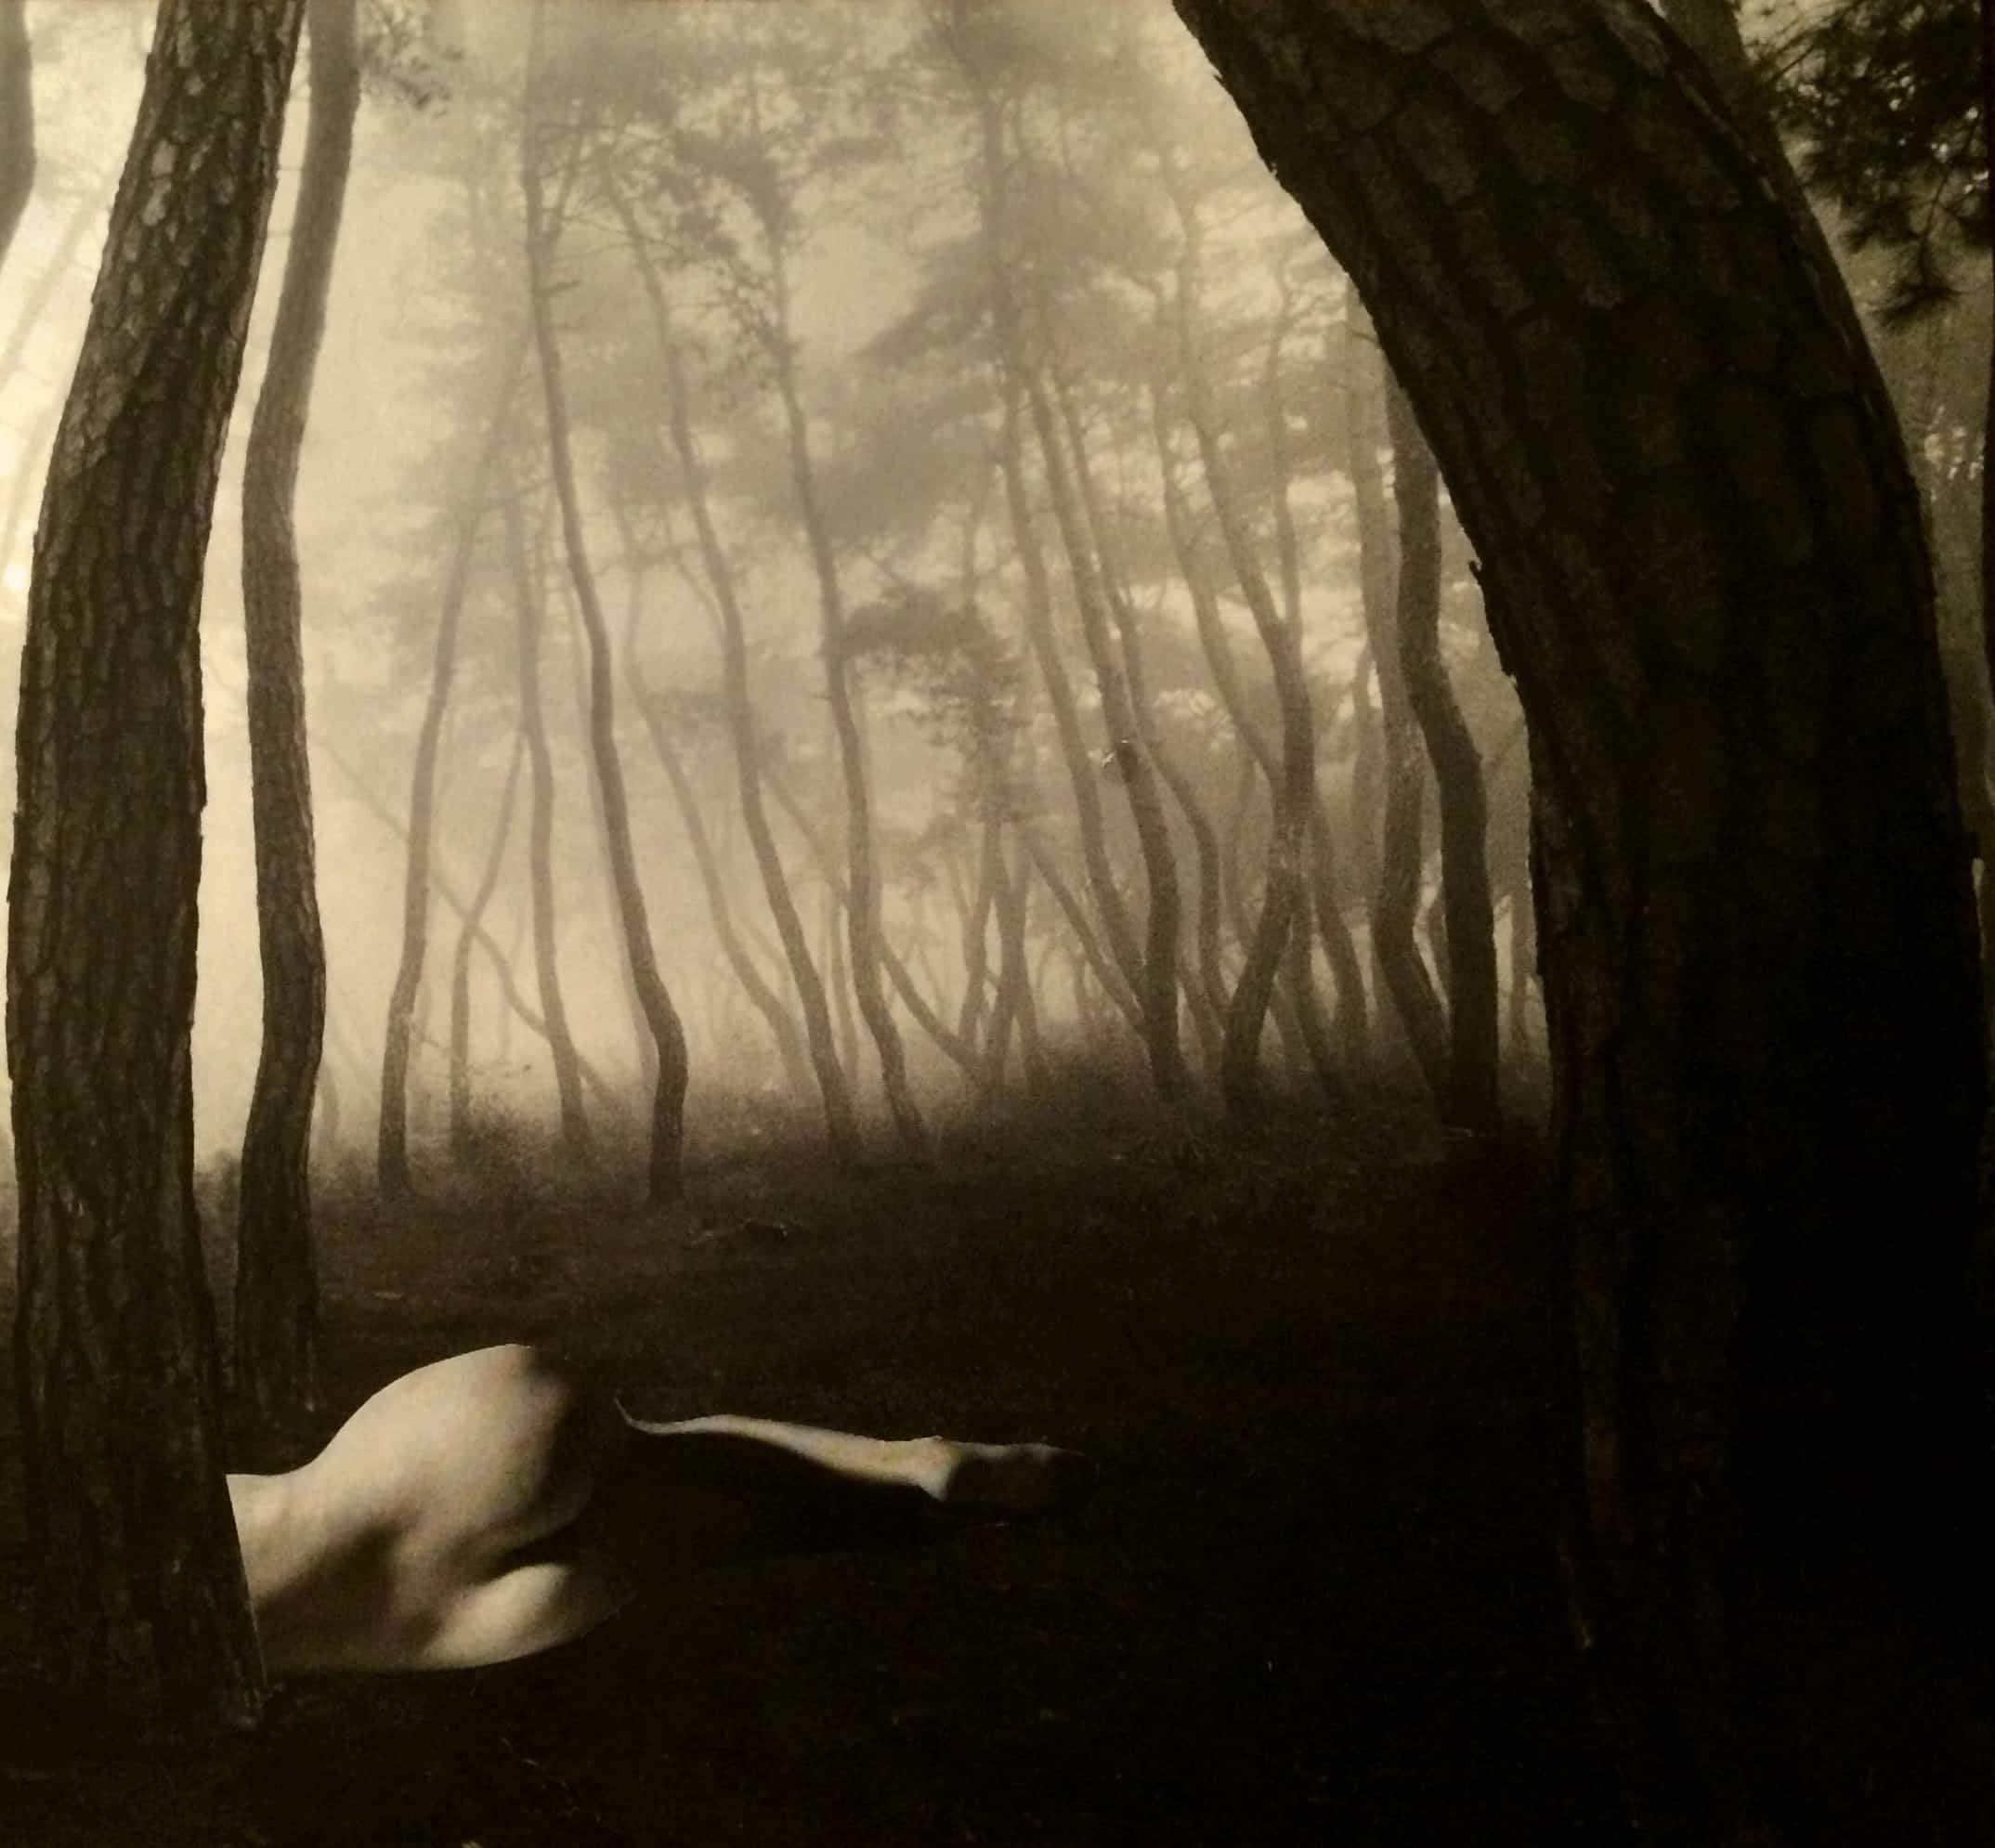 Peinture d'une femme allongée nue dans une forêt